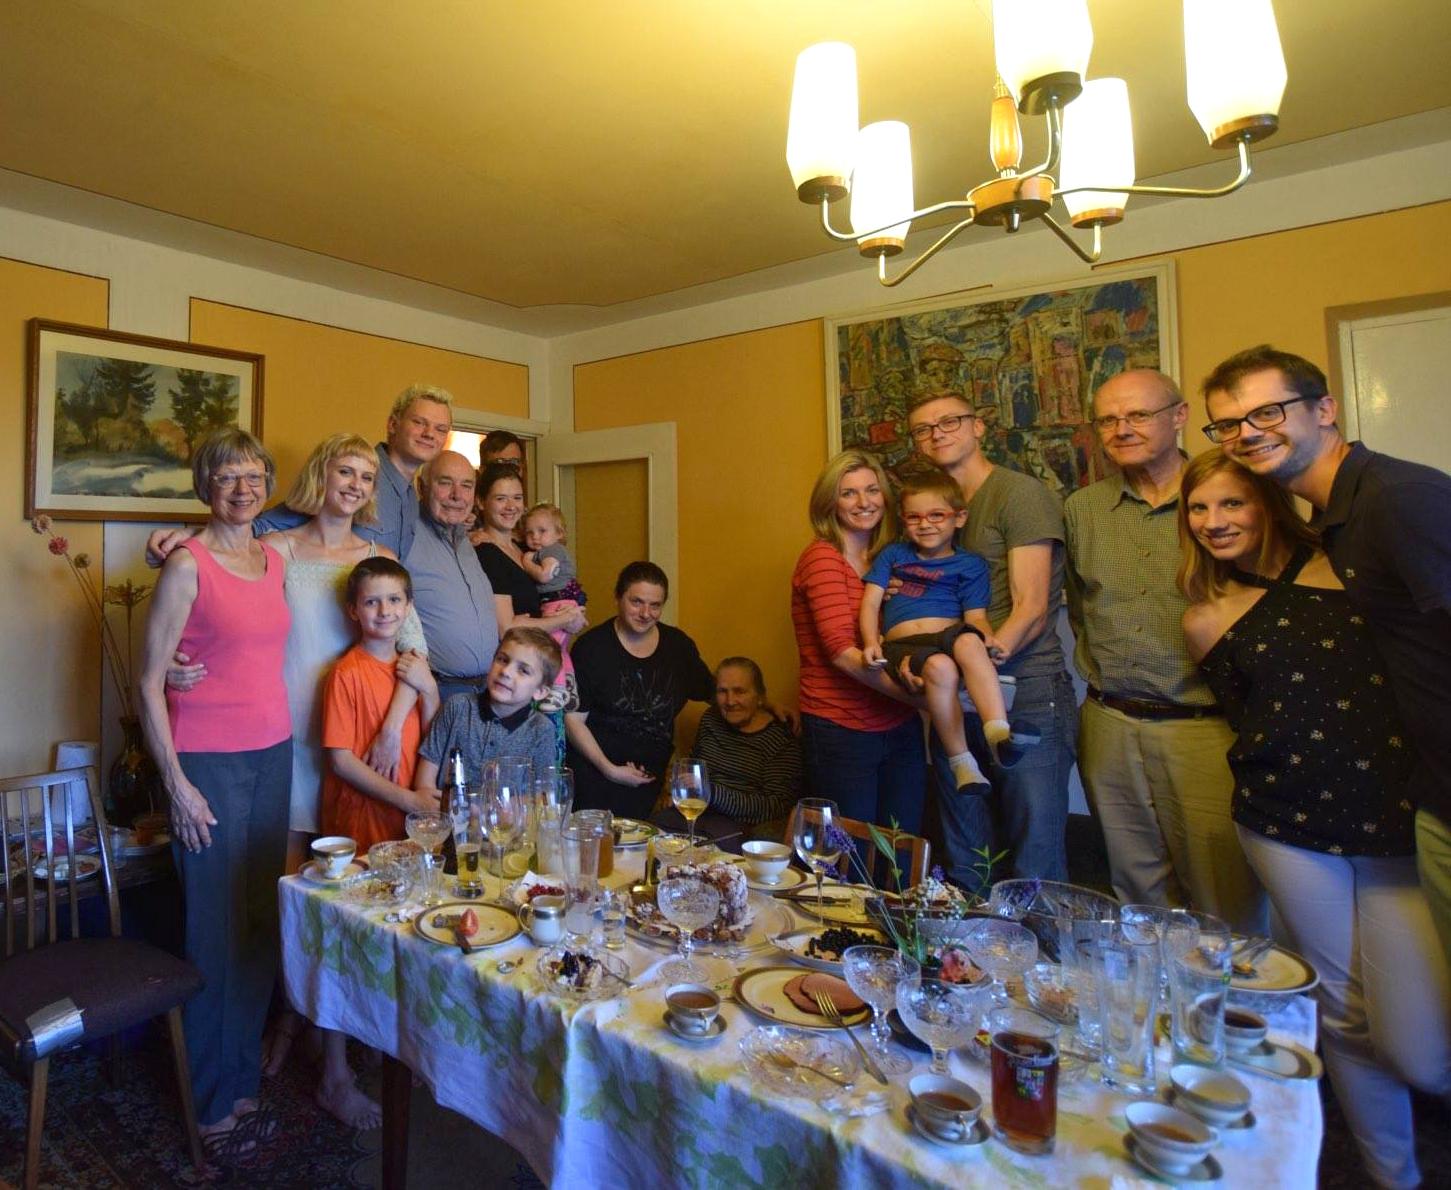 Indrė Bielskutė(stovi antra iš k.) su tėvais, sese, broliais ir jų šeimomis. Visi puoselėja lietuviškas tradicijas.